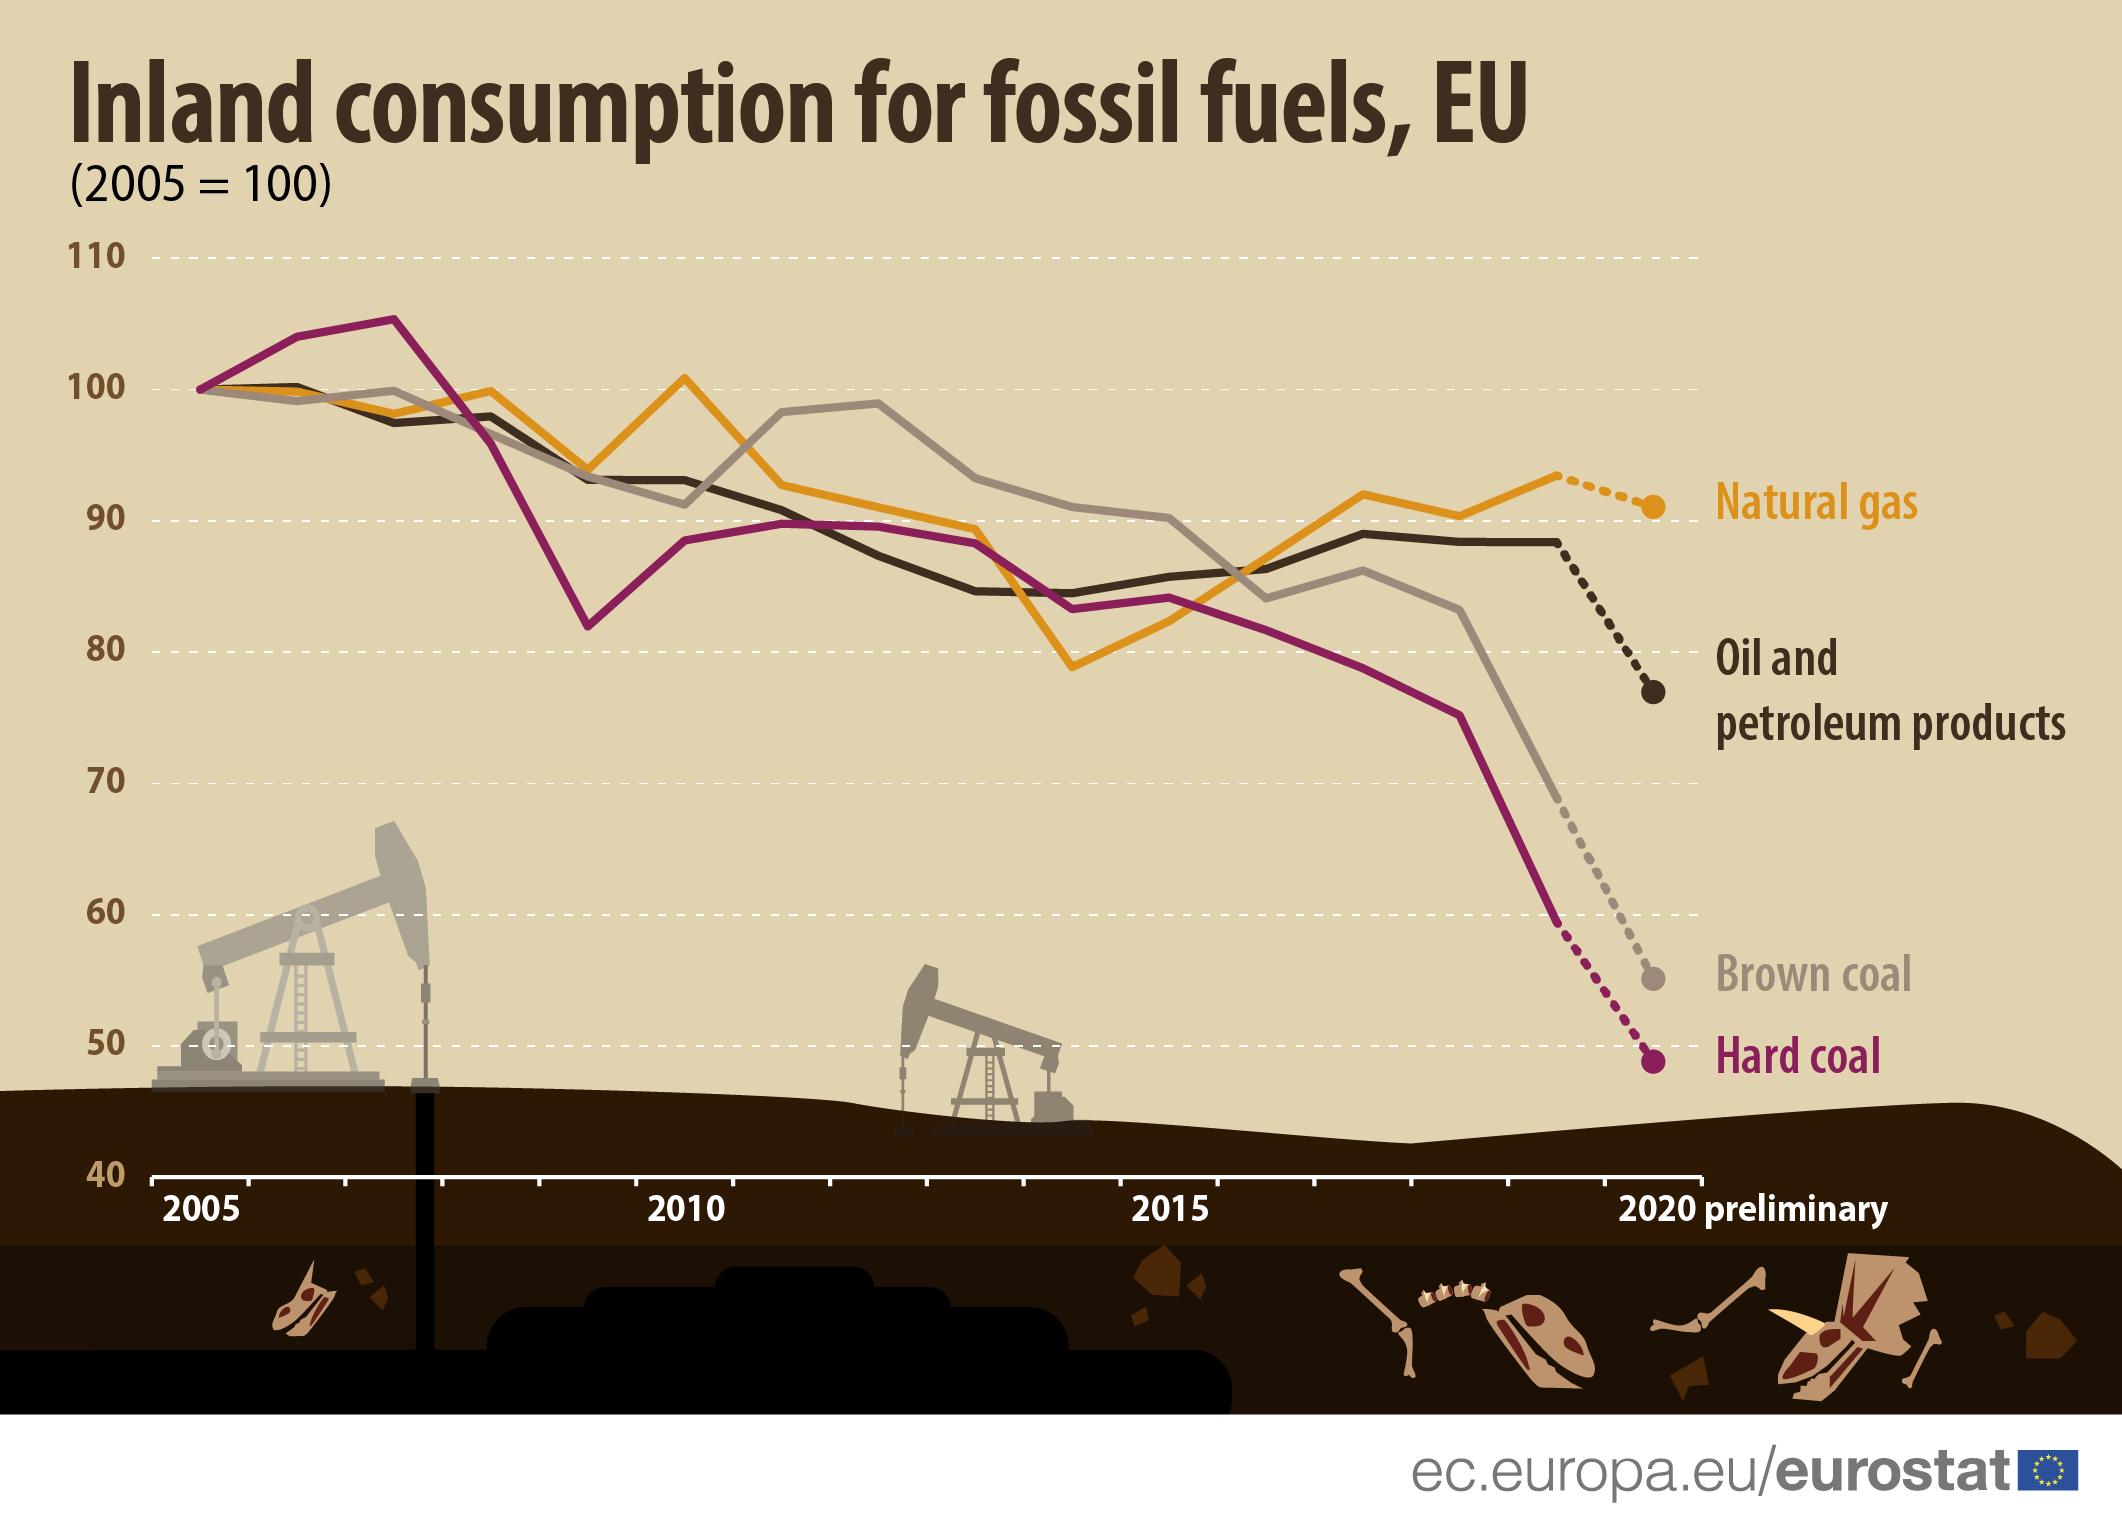 Инфографика: Внутреннее потребление ископаемого топлива